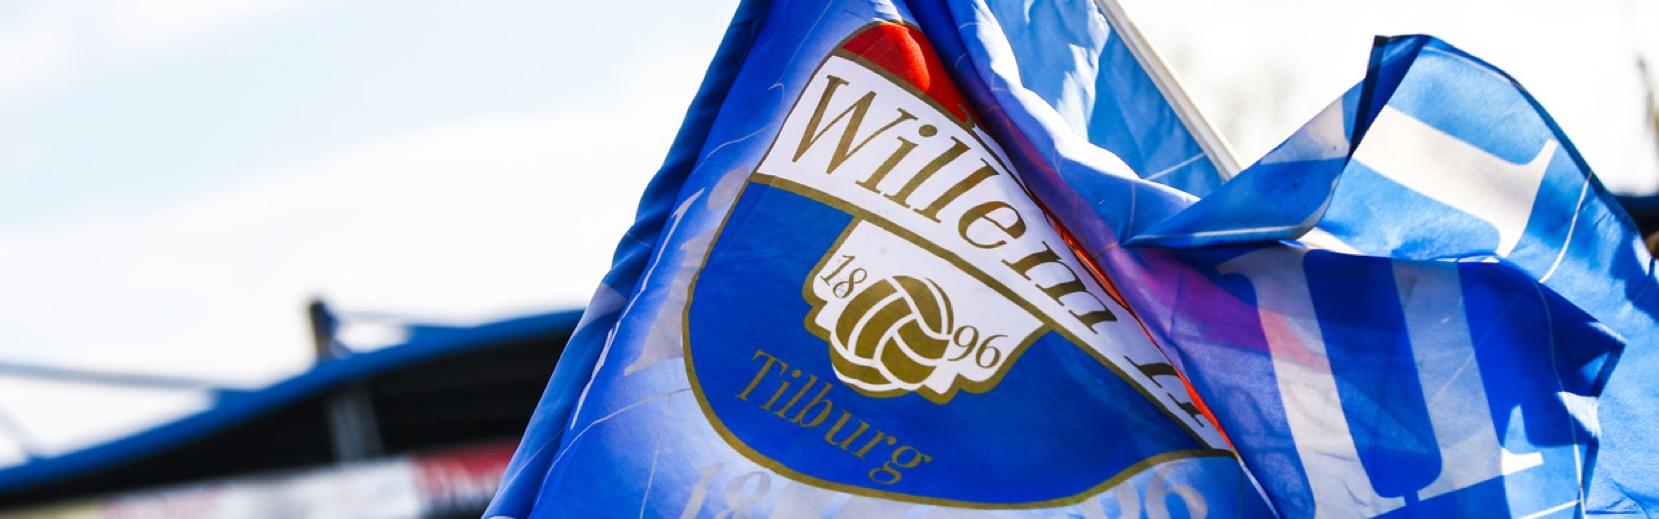 Koning Willem II Stadion Tilburg